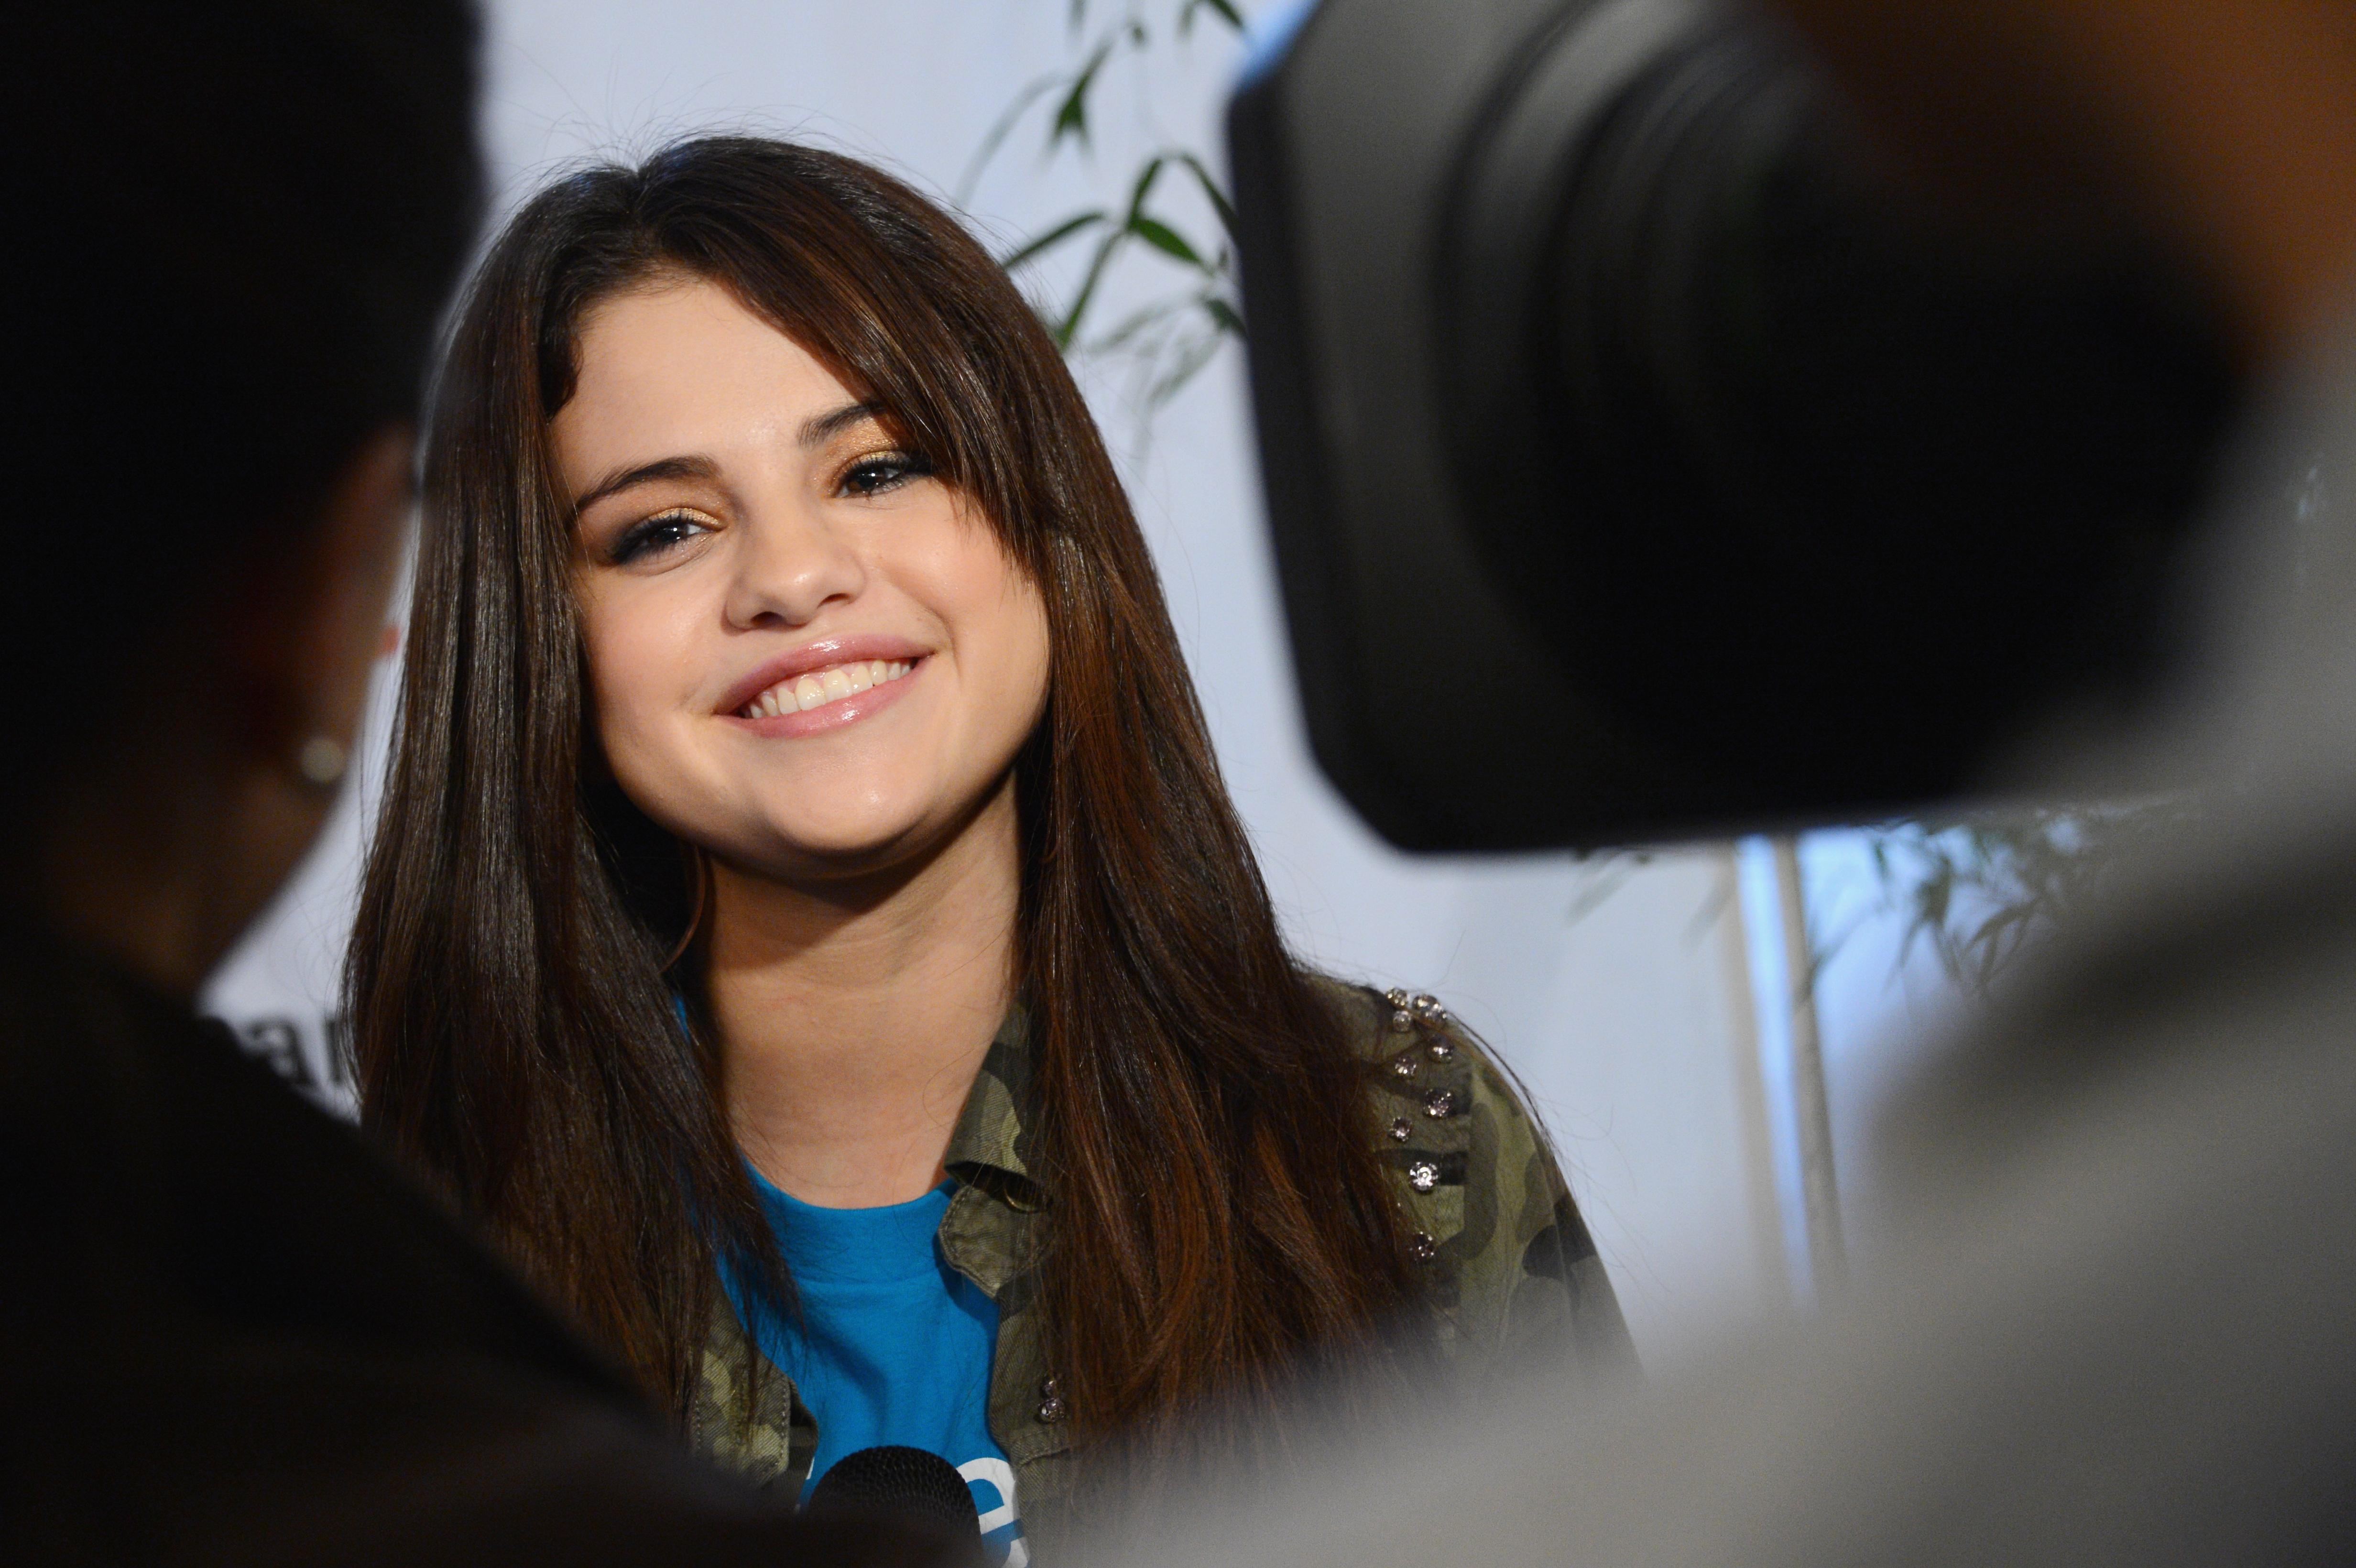 Селена Гомес - Selena Gomez фото №566264